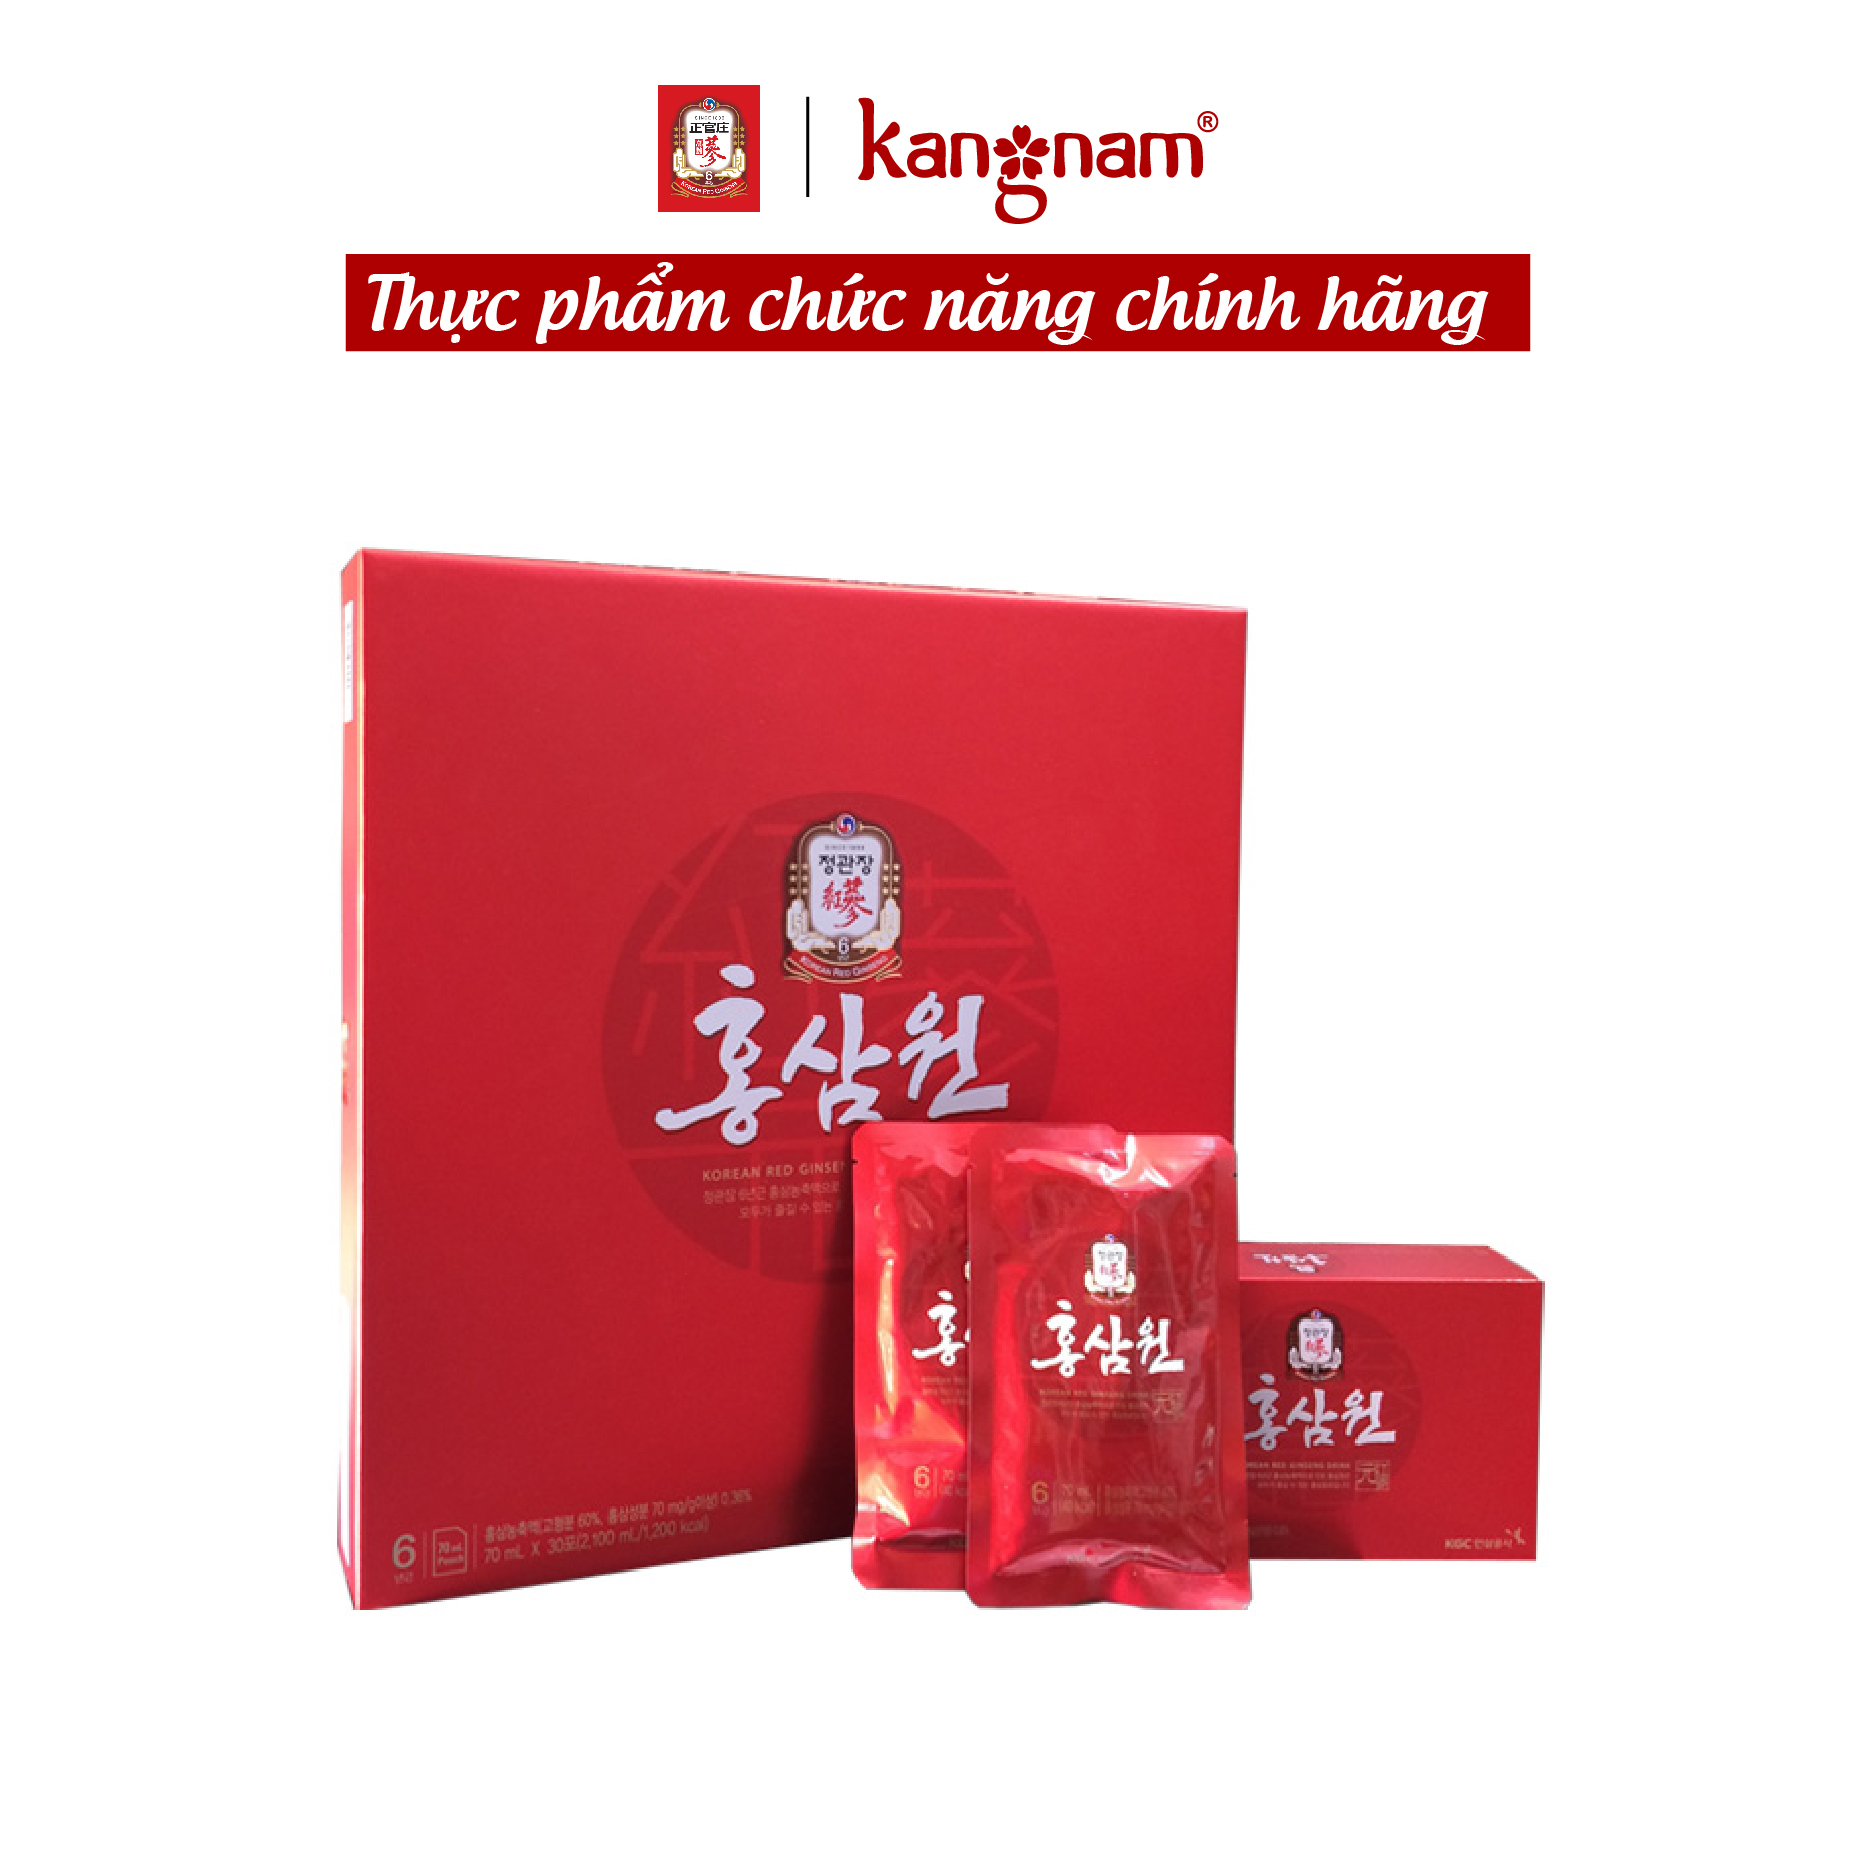 Nước hồng sâm won KGC Cheong Kwan Jang 70ml x 30 gói - Bồi bổ cơ thể toàn diện, tăng đề kháng, chống mệt mỏi